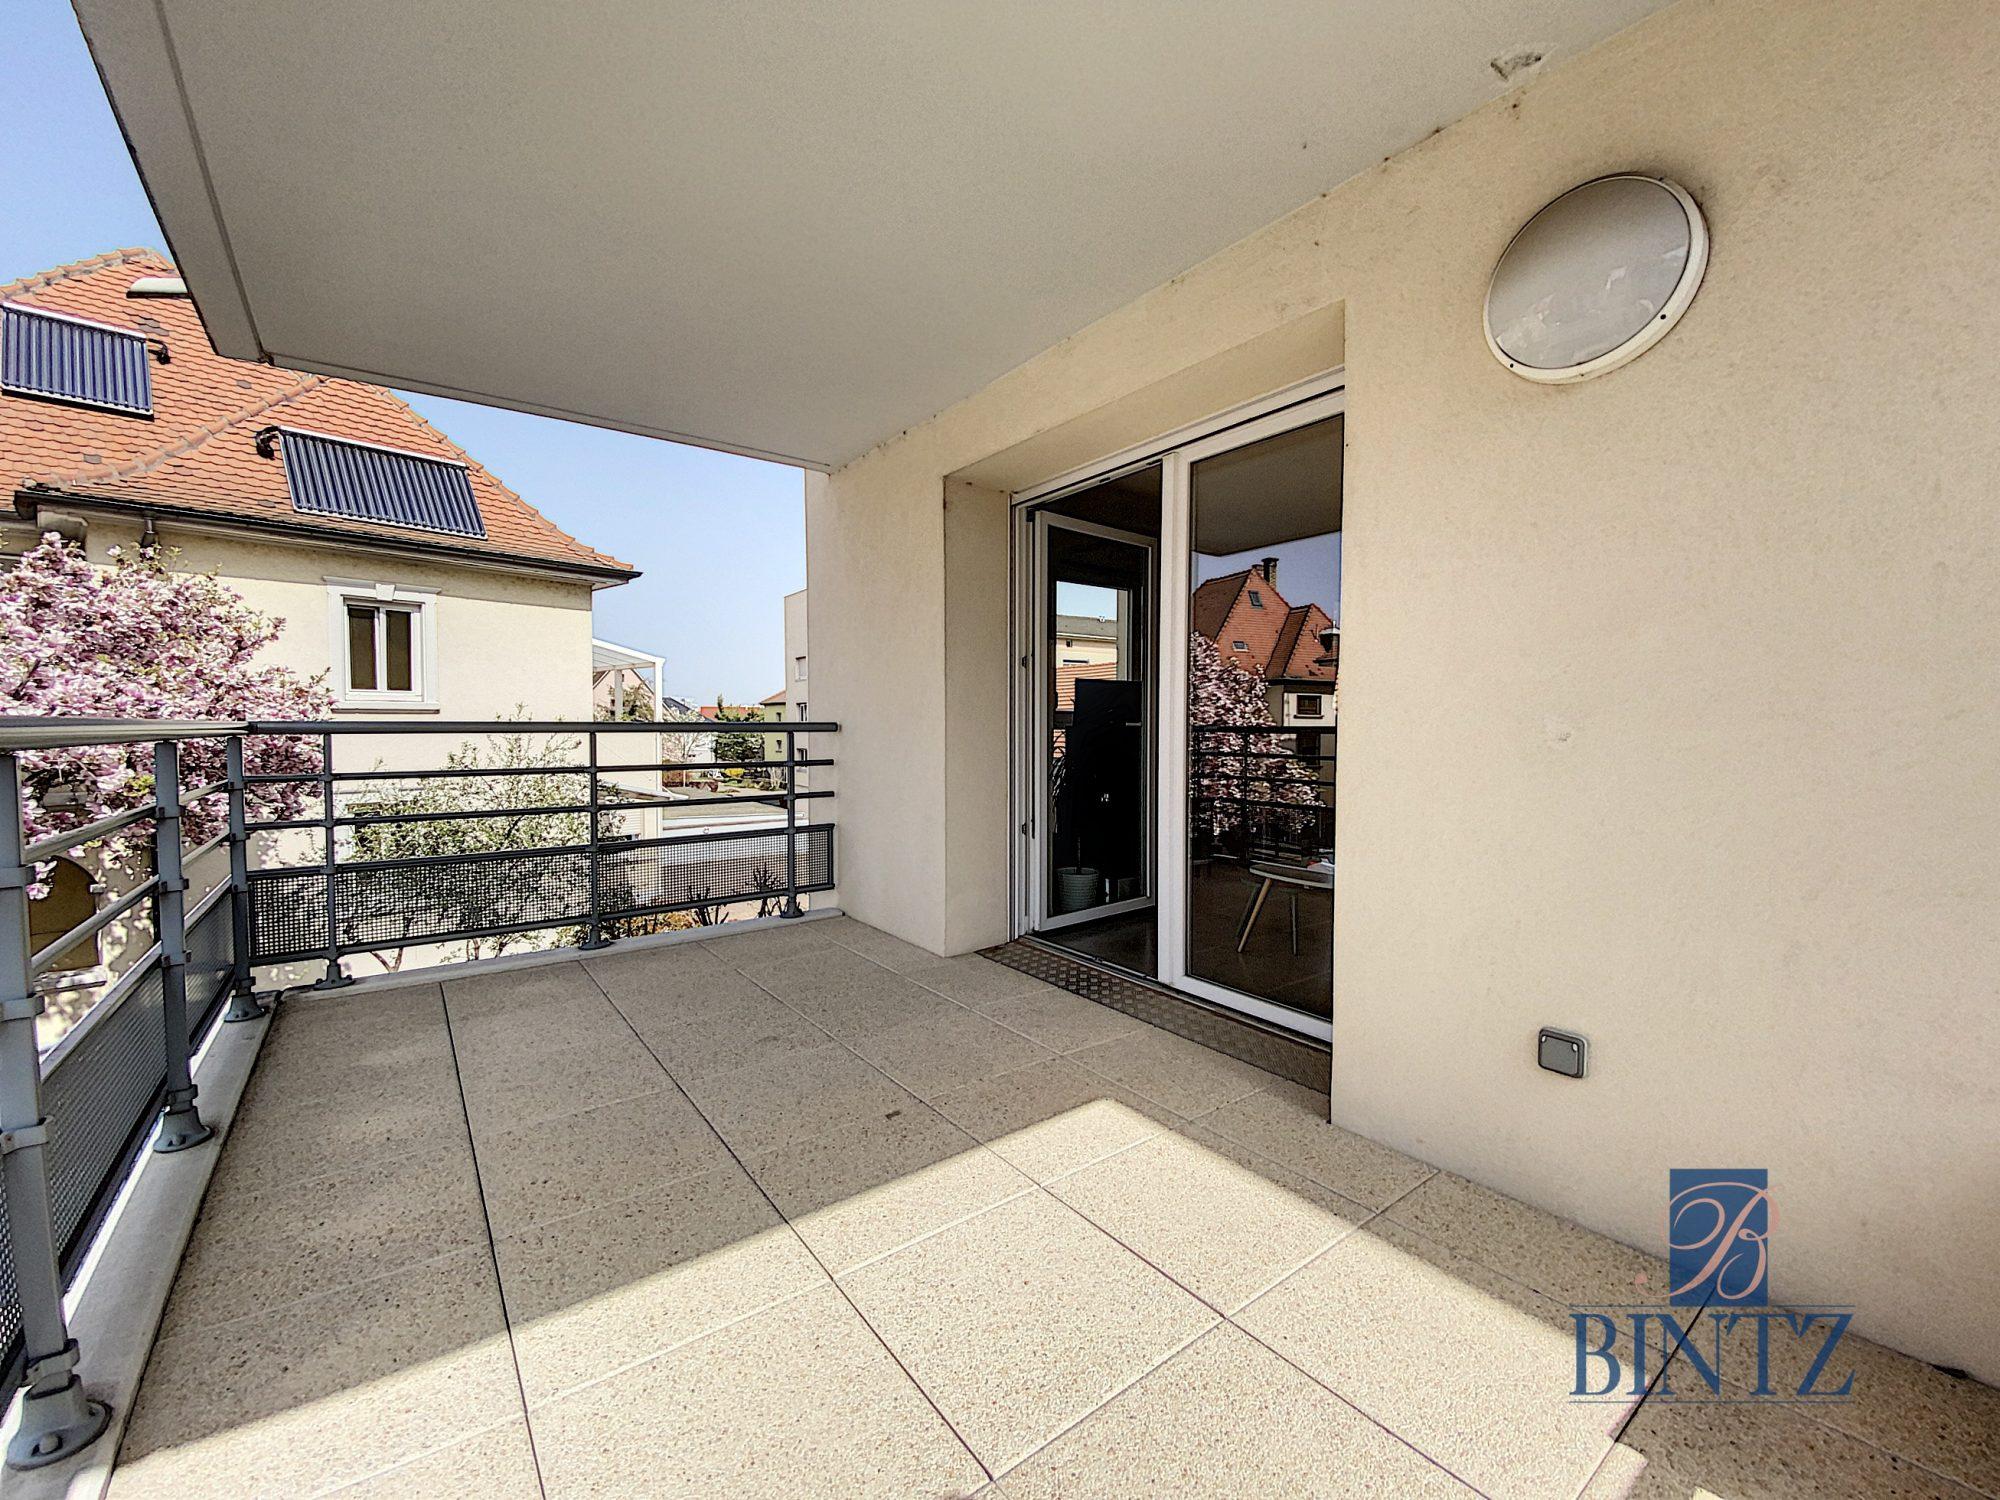 3 pièces neuf avec terrasse Schiltigheim - Devenez propriétaire en toute confiance - Bintz Immobilier - 4